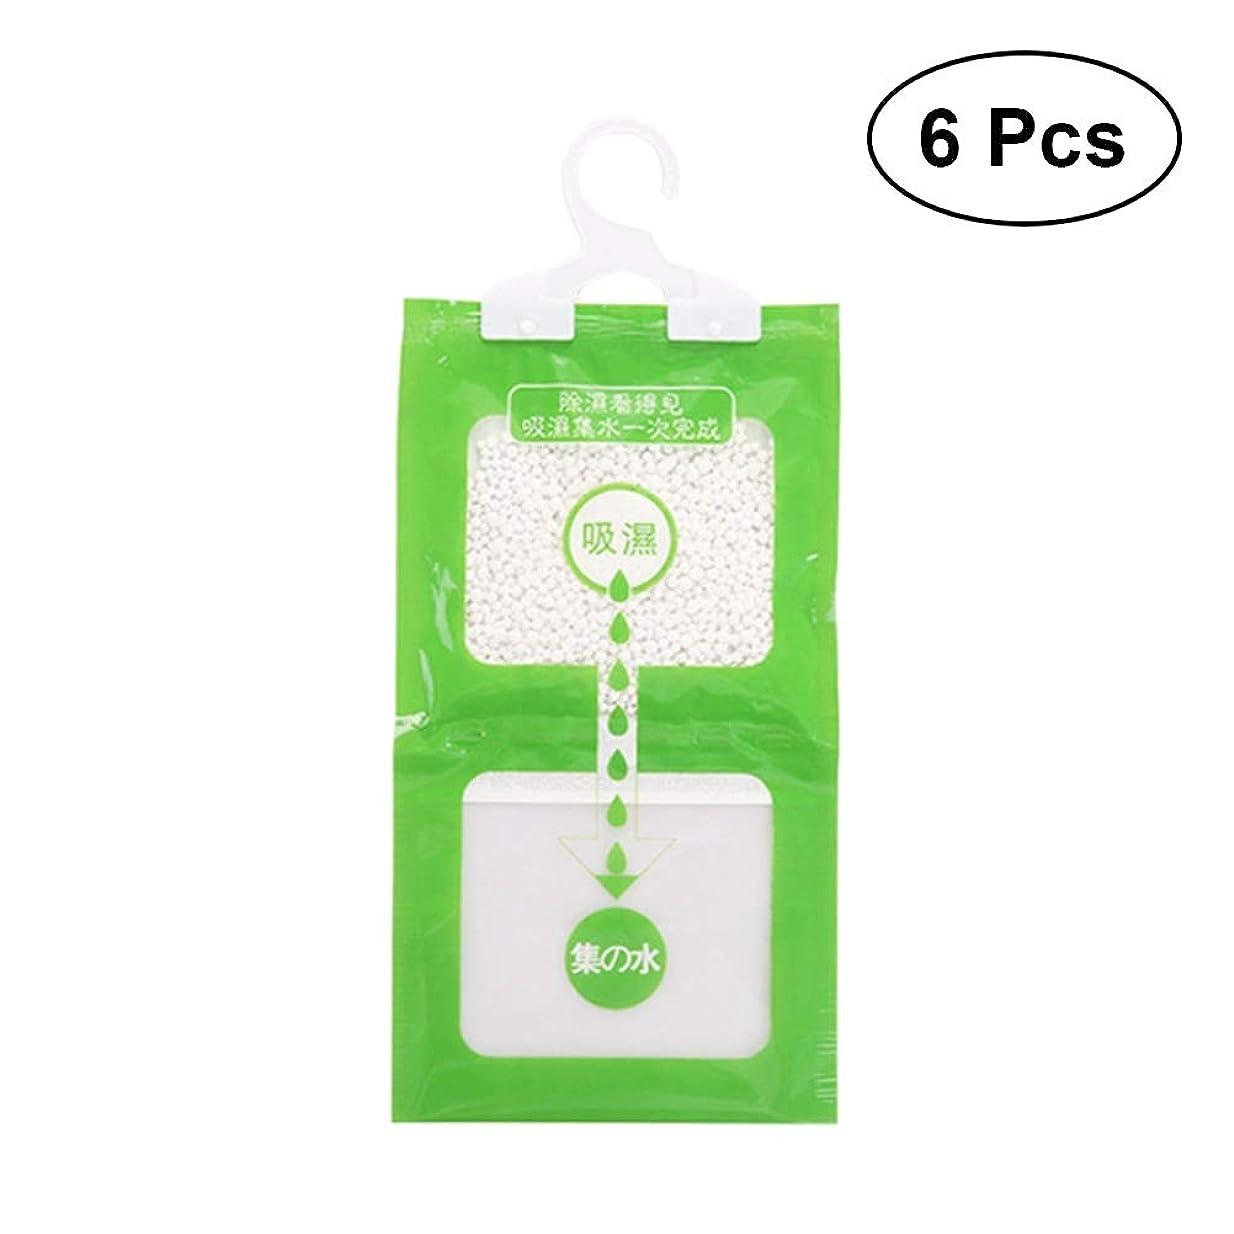 ヒステリック永遠に利得Healifty ハンギングモイスチャーアブソーババッグワードローブ除湿器吸湿性アンチモールドデシカントグリーン6個